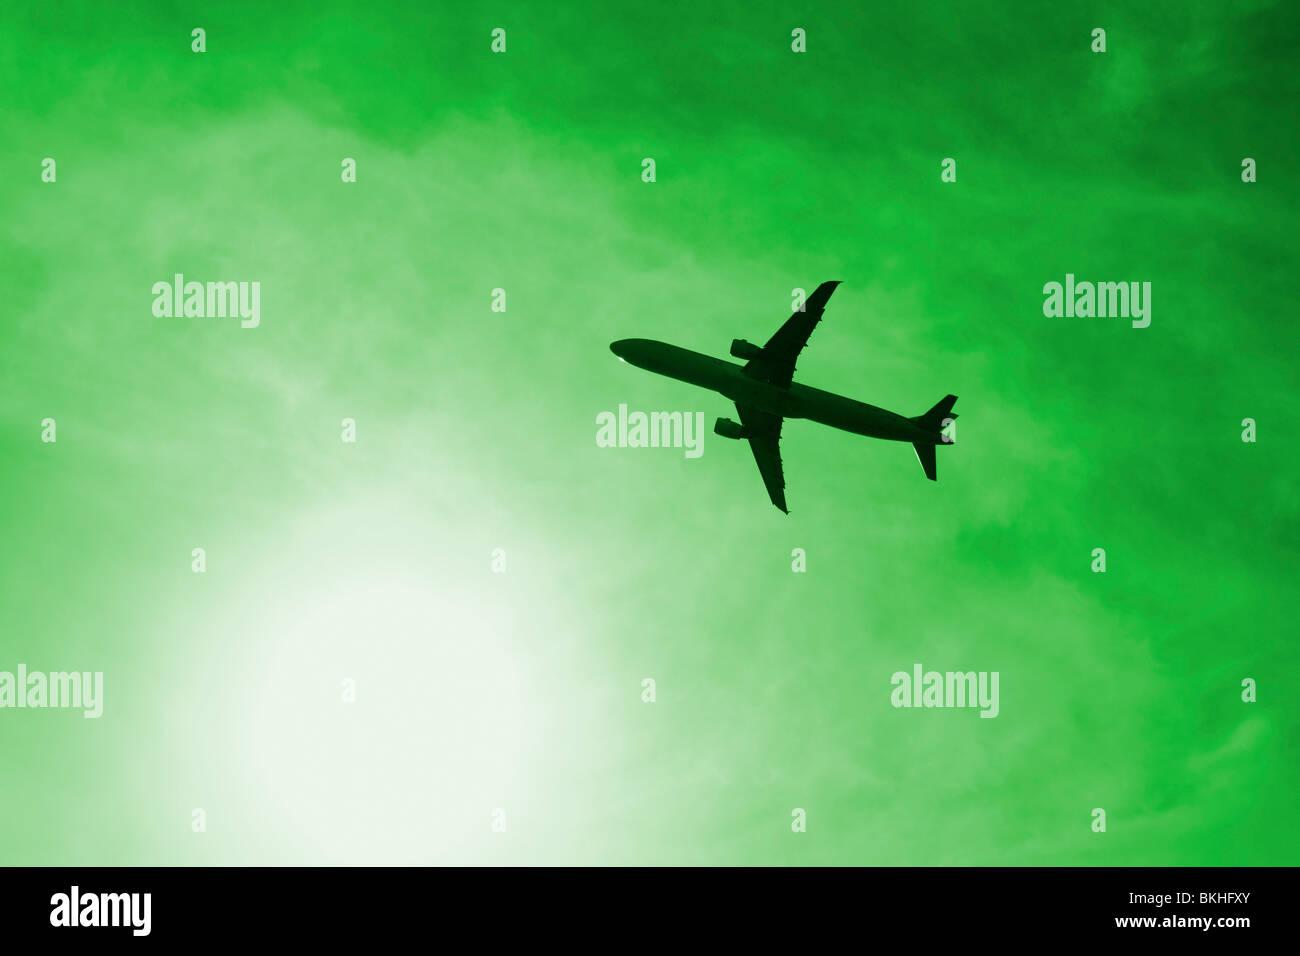 Piano vicino a sun contro il cielo verde. Potrebbe essere utilizzata per rappresentare l'inquinamento, viaggio Immagini Stock